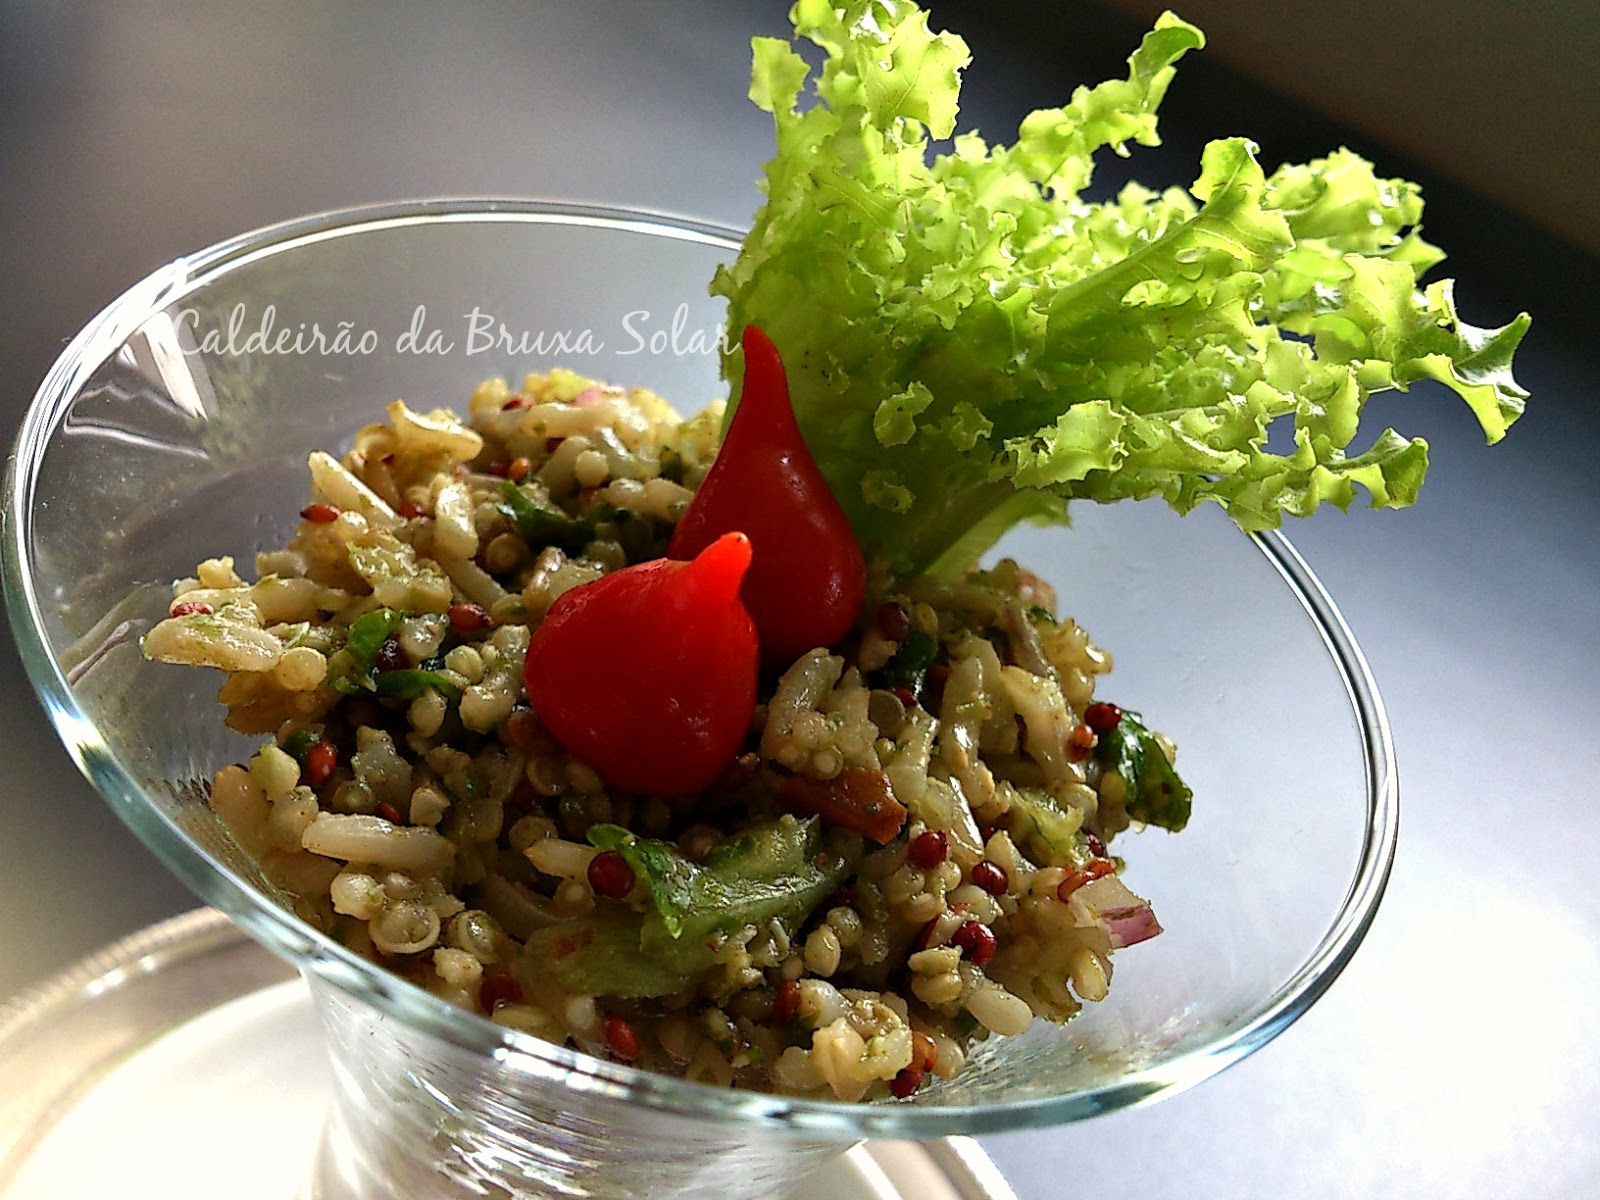 Salada de grãos ao molho de pesto de alface e pecãs